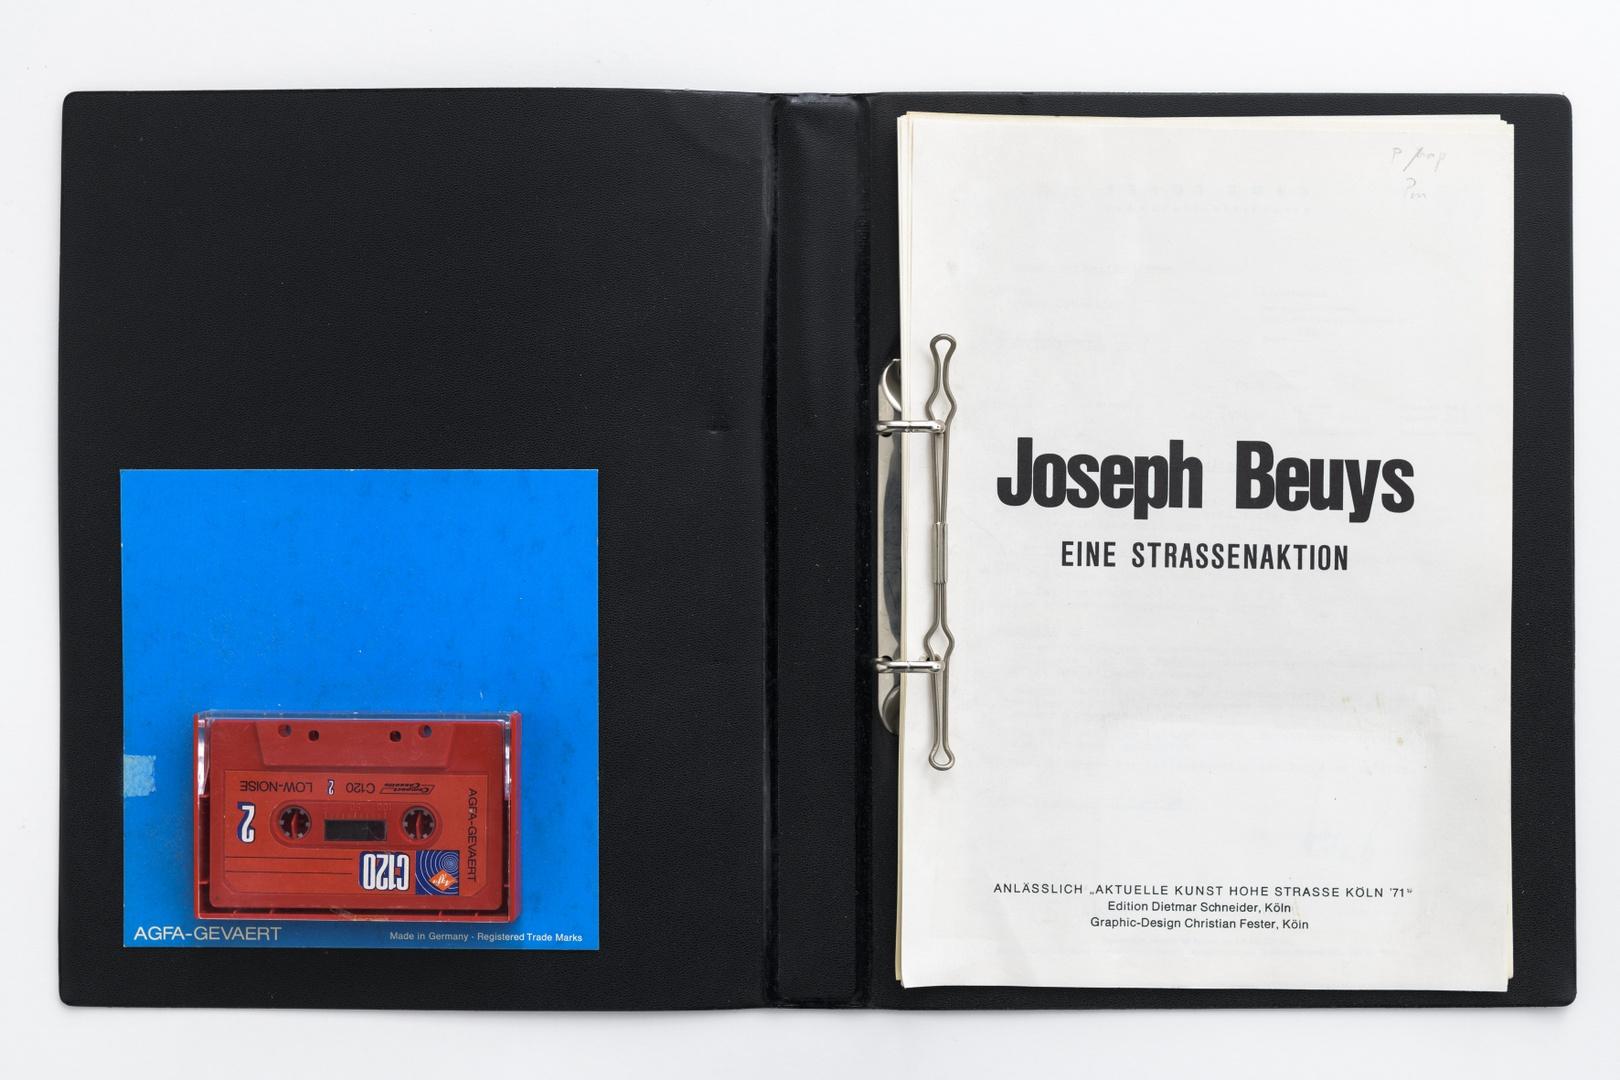 """Eine Strassenaktion. Oplage 100 exemplaren ed. Dietmar Schneider, Köln, 1972. Exemplaar buiten oplage. Zie ook """"Aktion mit der Tragetasche"""": """"So kann die Parteiendiktatur überwunden werden"""" 1971"""